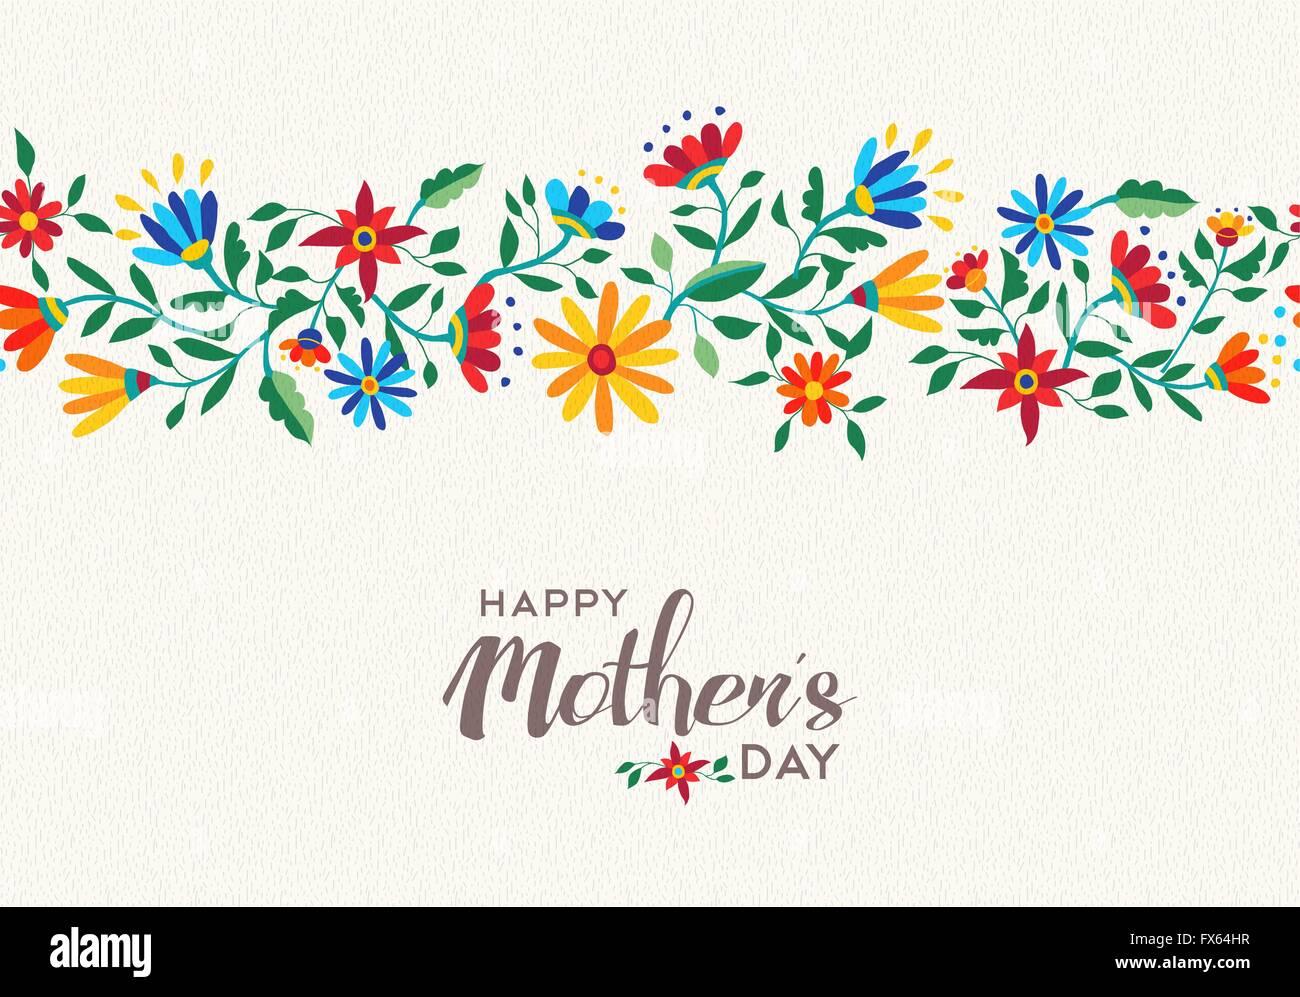 Elegante glücklichen Mütter Tag Zitat design mit Blume Musterdesign ...